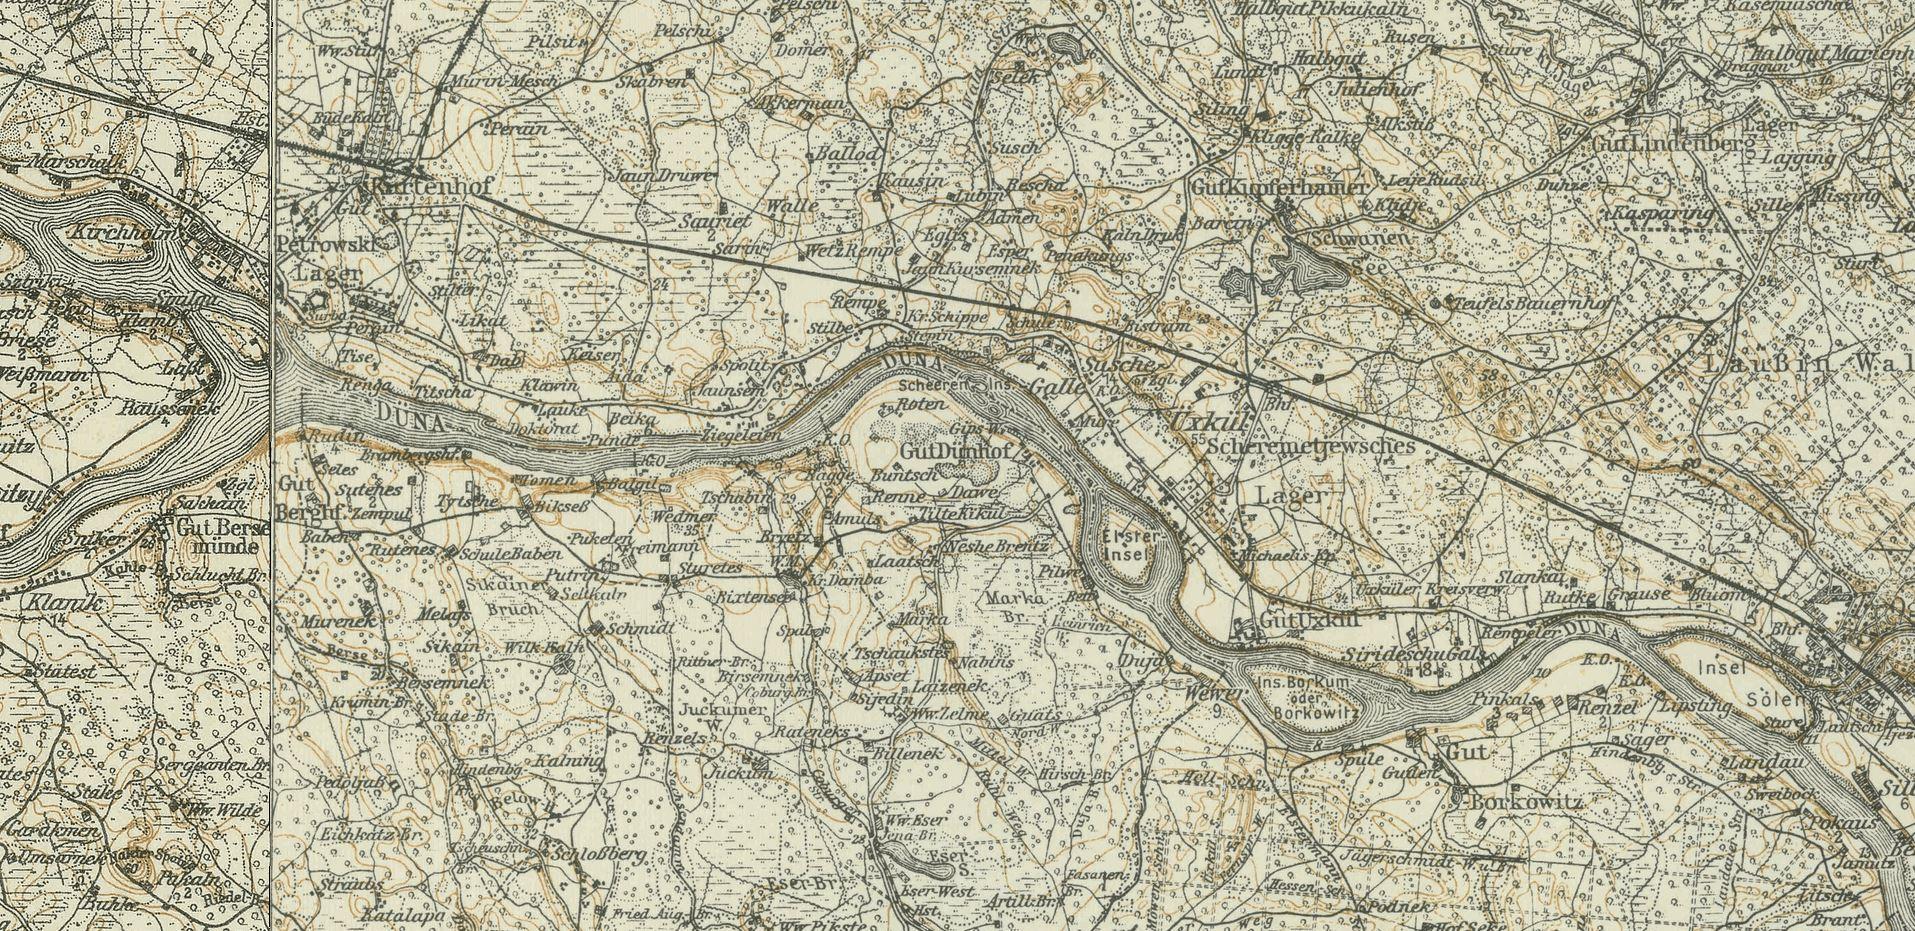 Karte uexkull 1914-1919